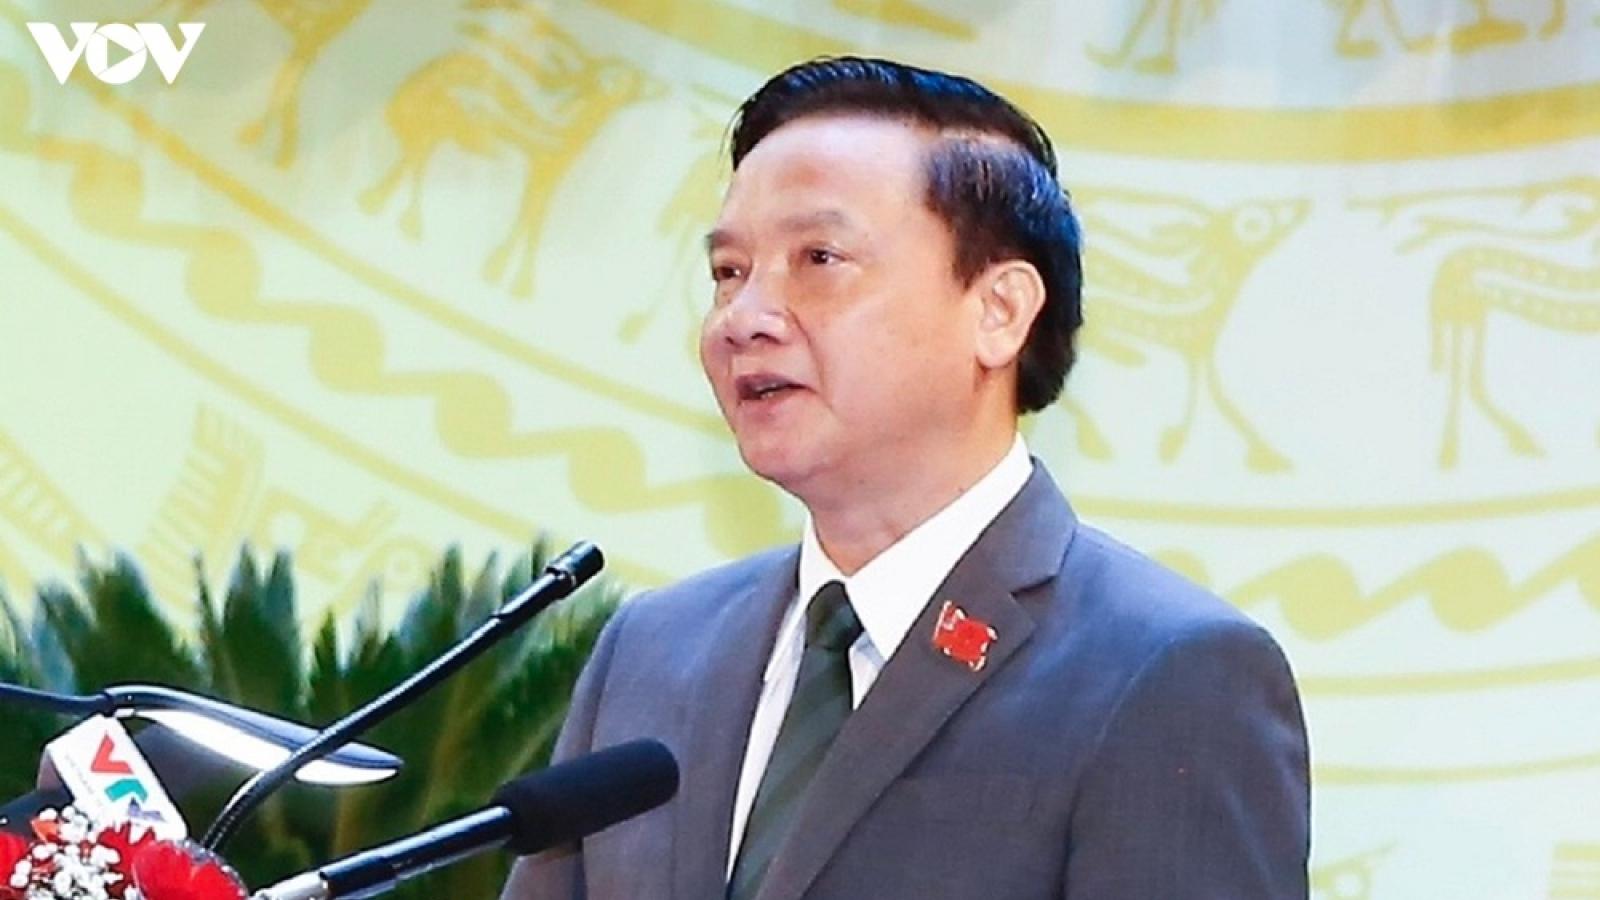 Bí thư Tỉnh ủy Khánh Hòa và 3 Phó Bí thư trúng cử với số phiếu 100%